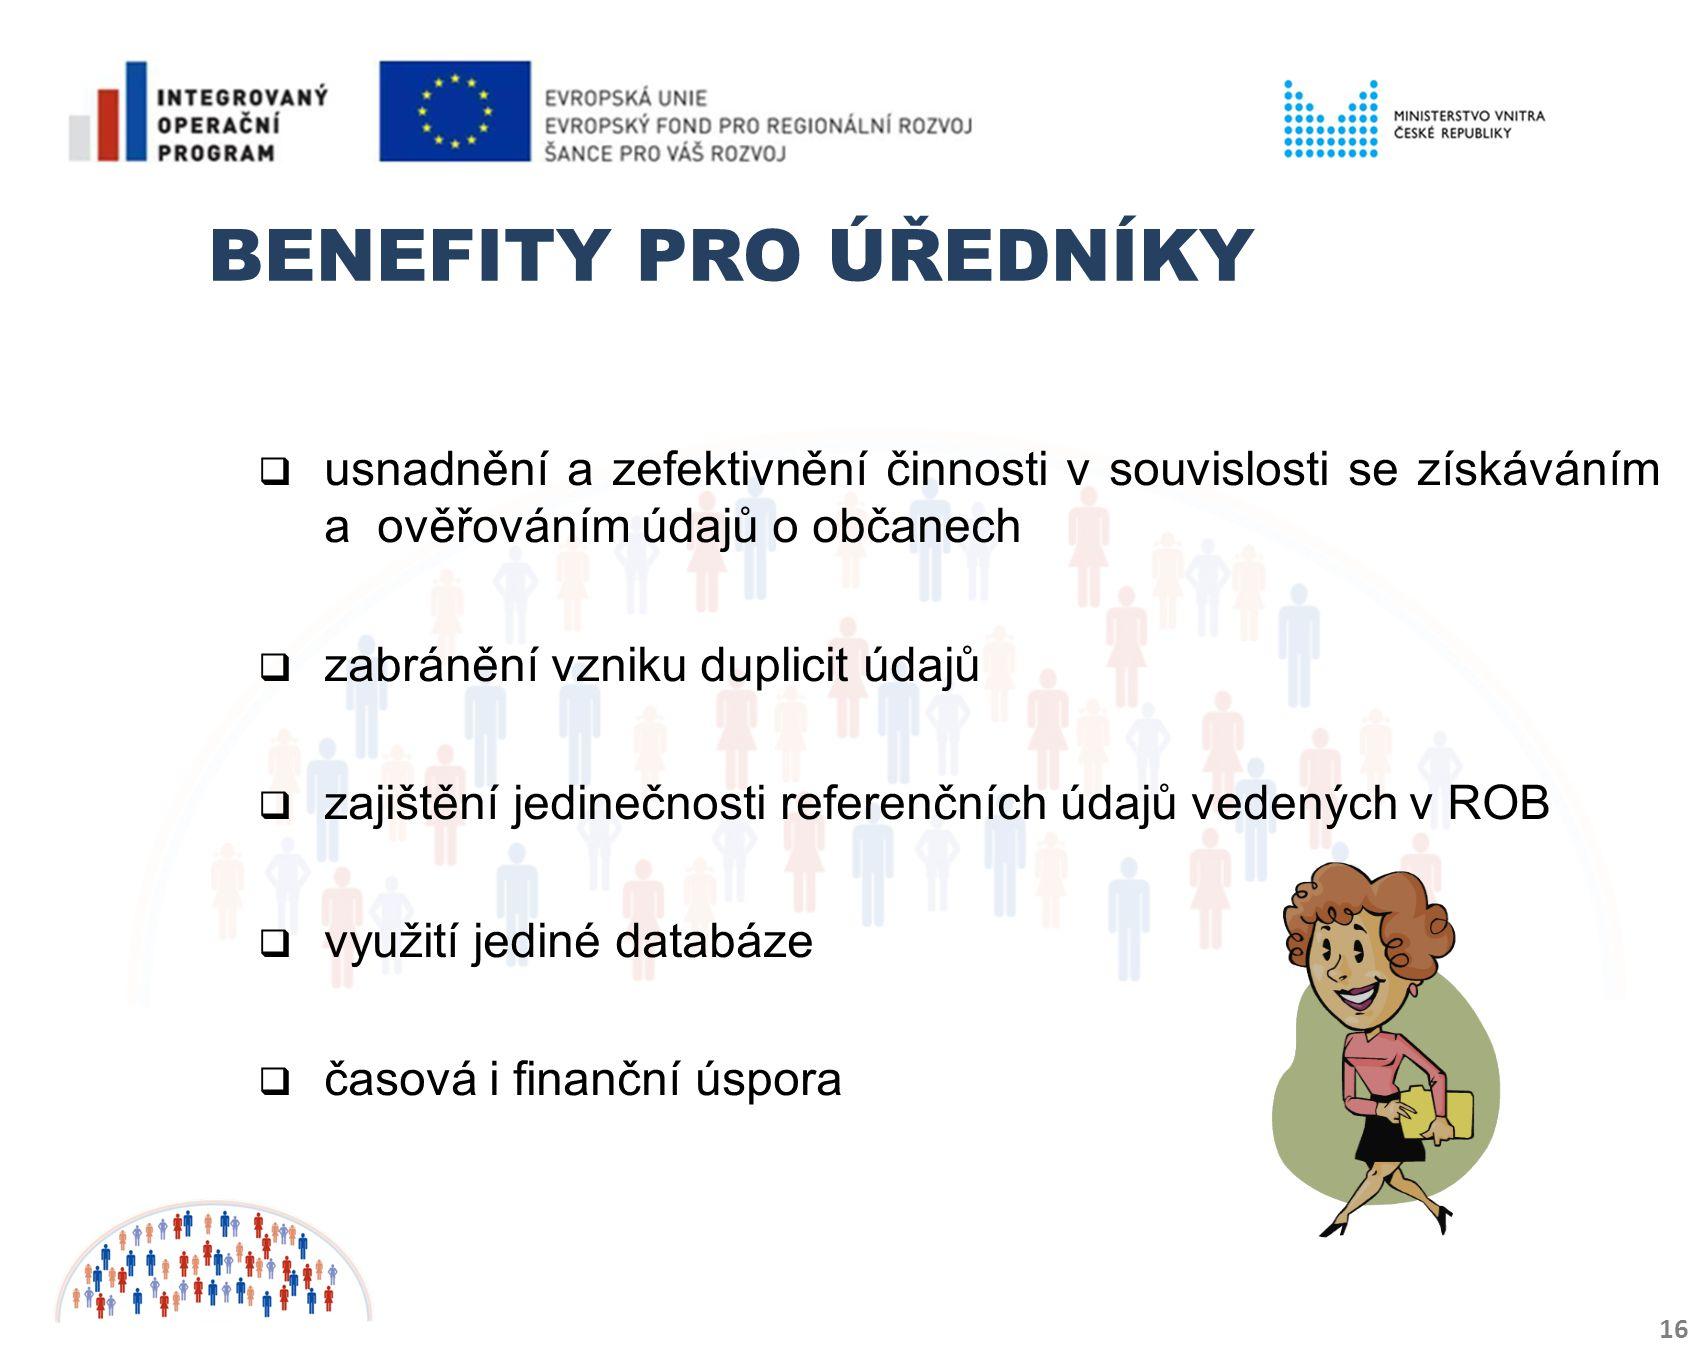 BENEFITY PRO ÚŘEDNÍKY 16  usnadnění a zefektivnění činnosti v souvislosti se získáváním a ověřováním údajů o občanech  zabránění vzniku duplicit údajů  zajištění jedinečnosti referenčních údajů vedených v ROB  využití jediné databáze  časová i finanční úspora